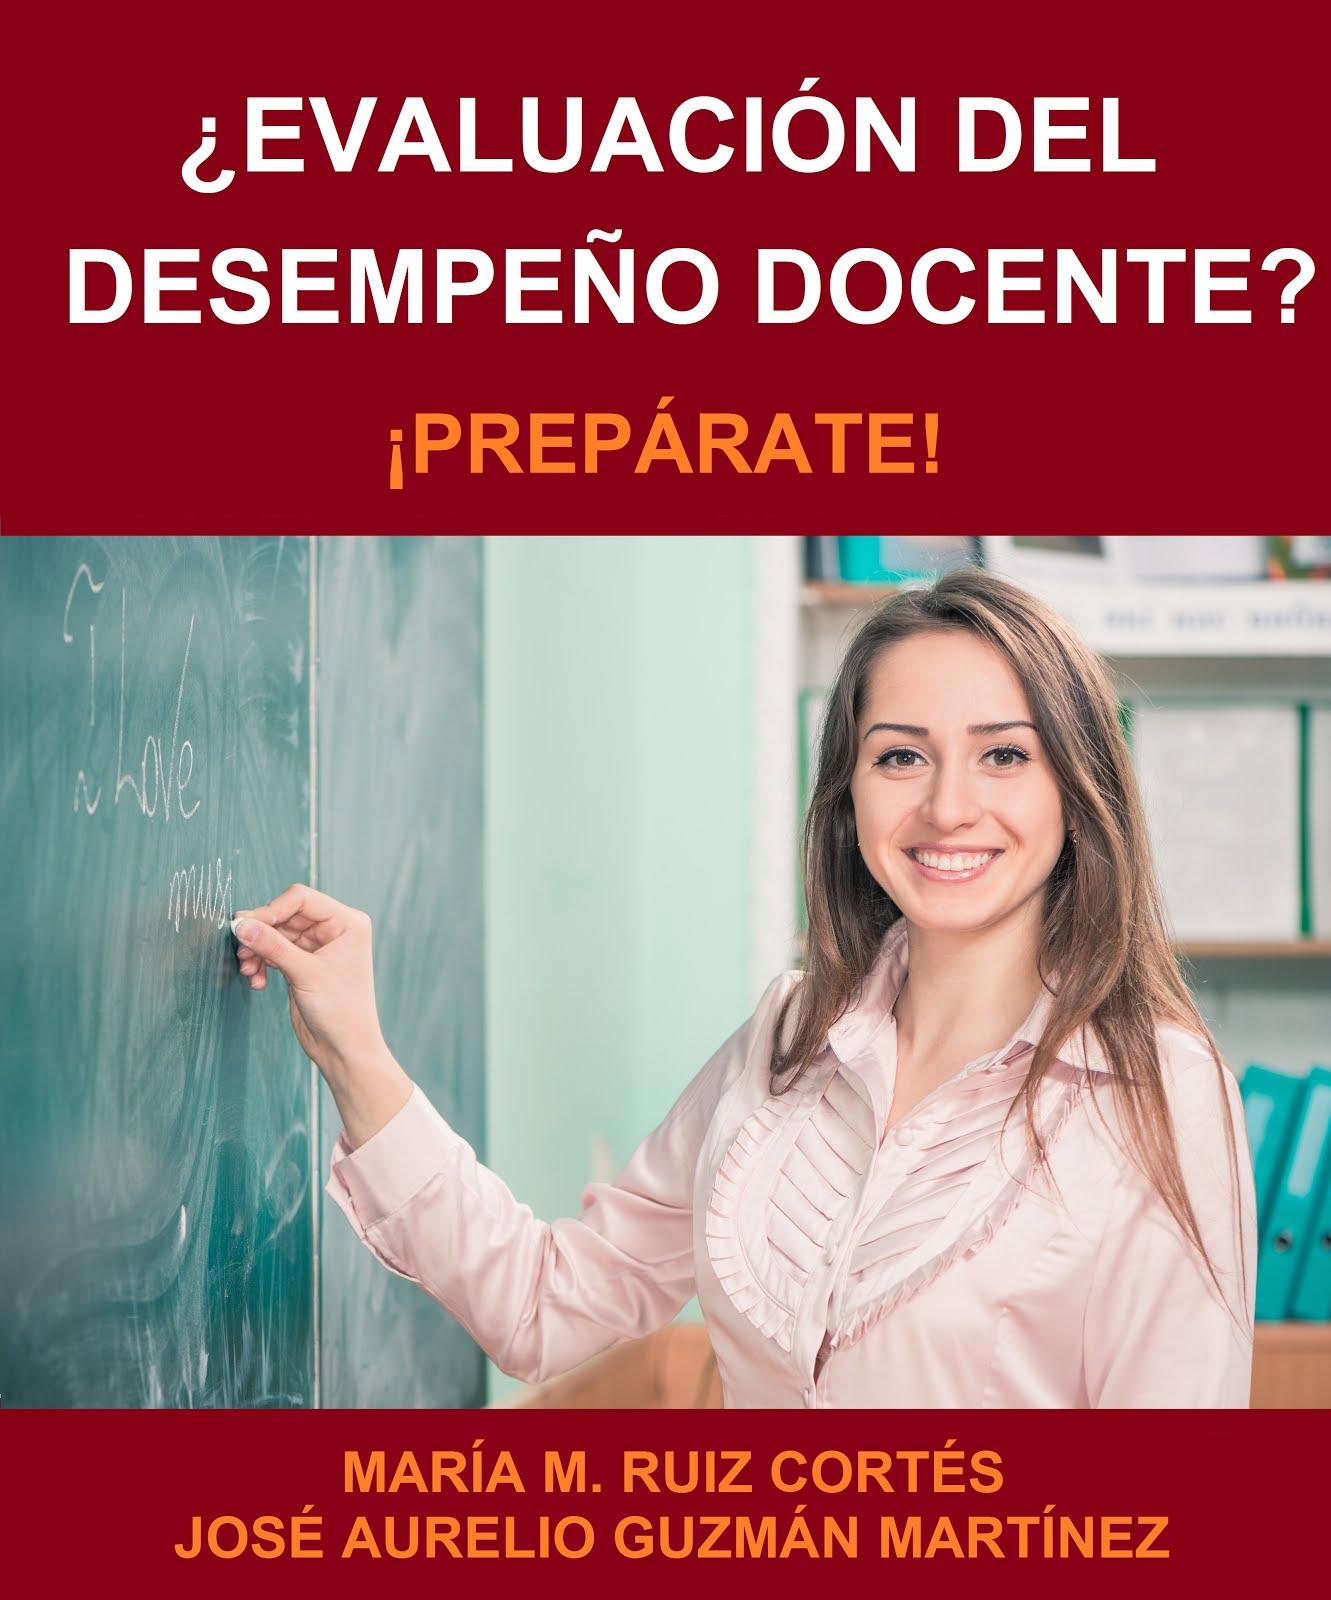 ¿EVALUACIÓN DEL DESEMPEÑO DOCENTE?: ¡PREPÁRATE!